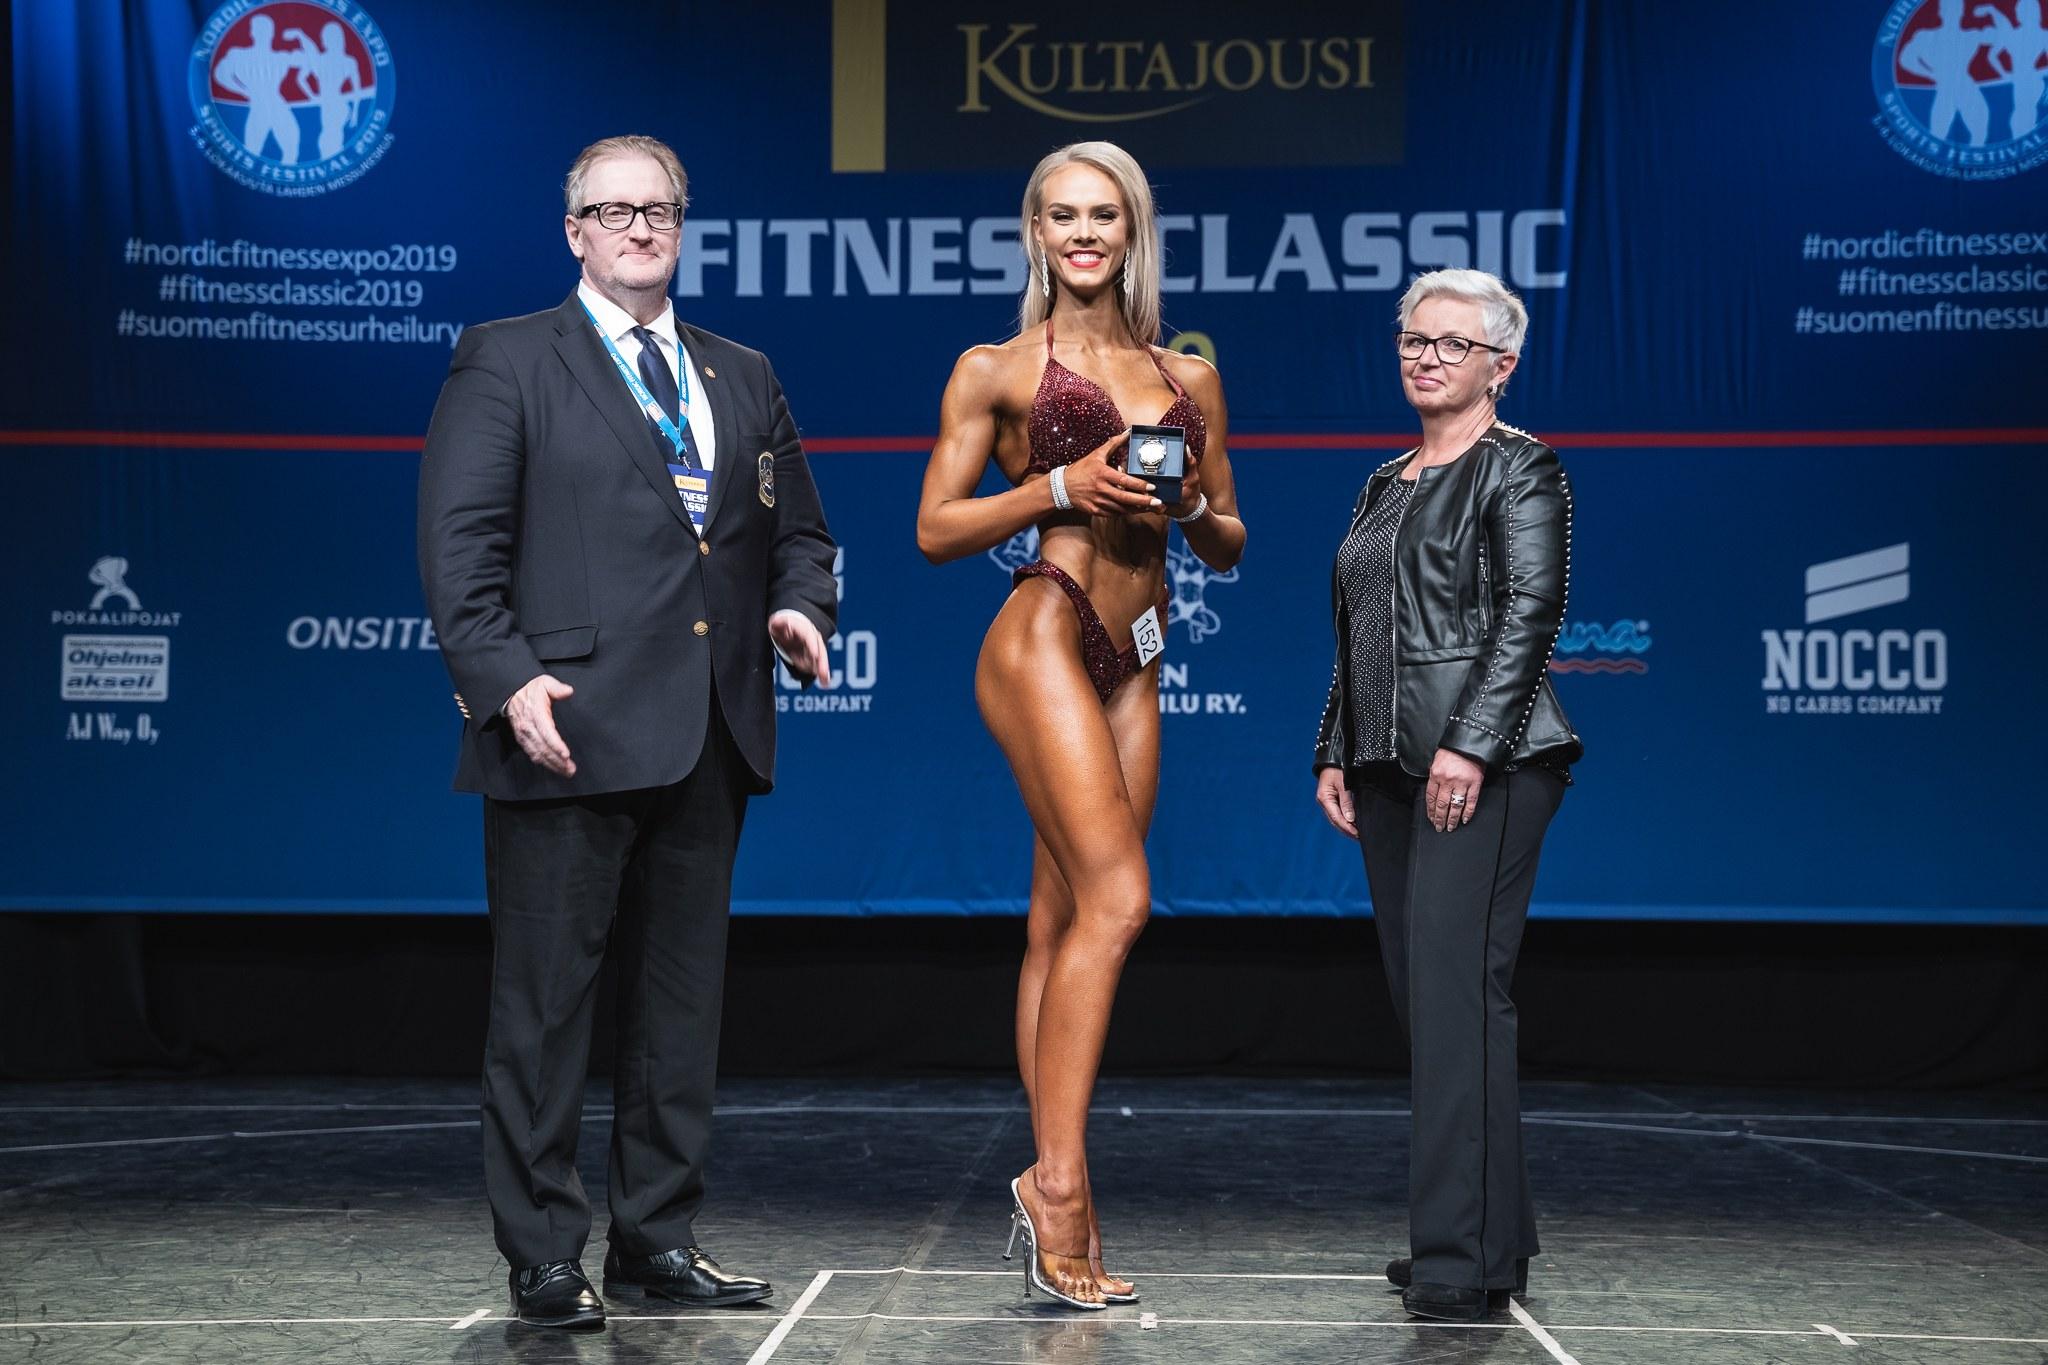 Reetta Kanniainen